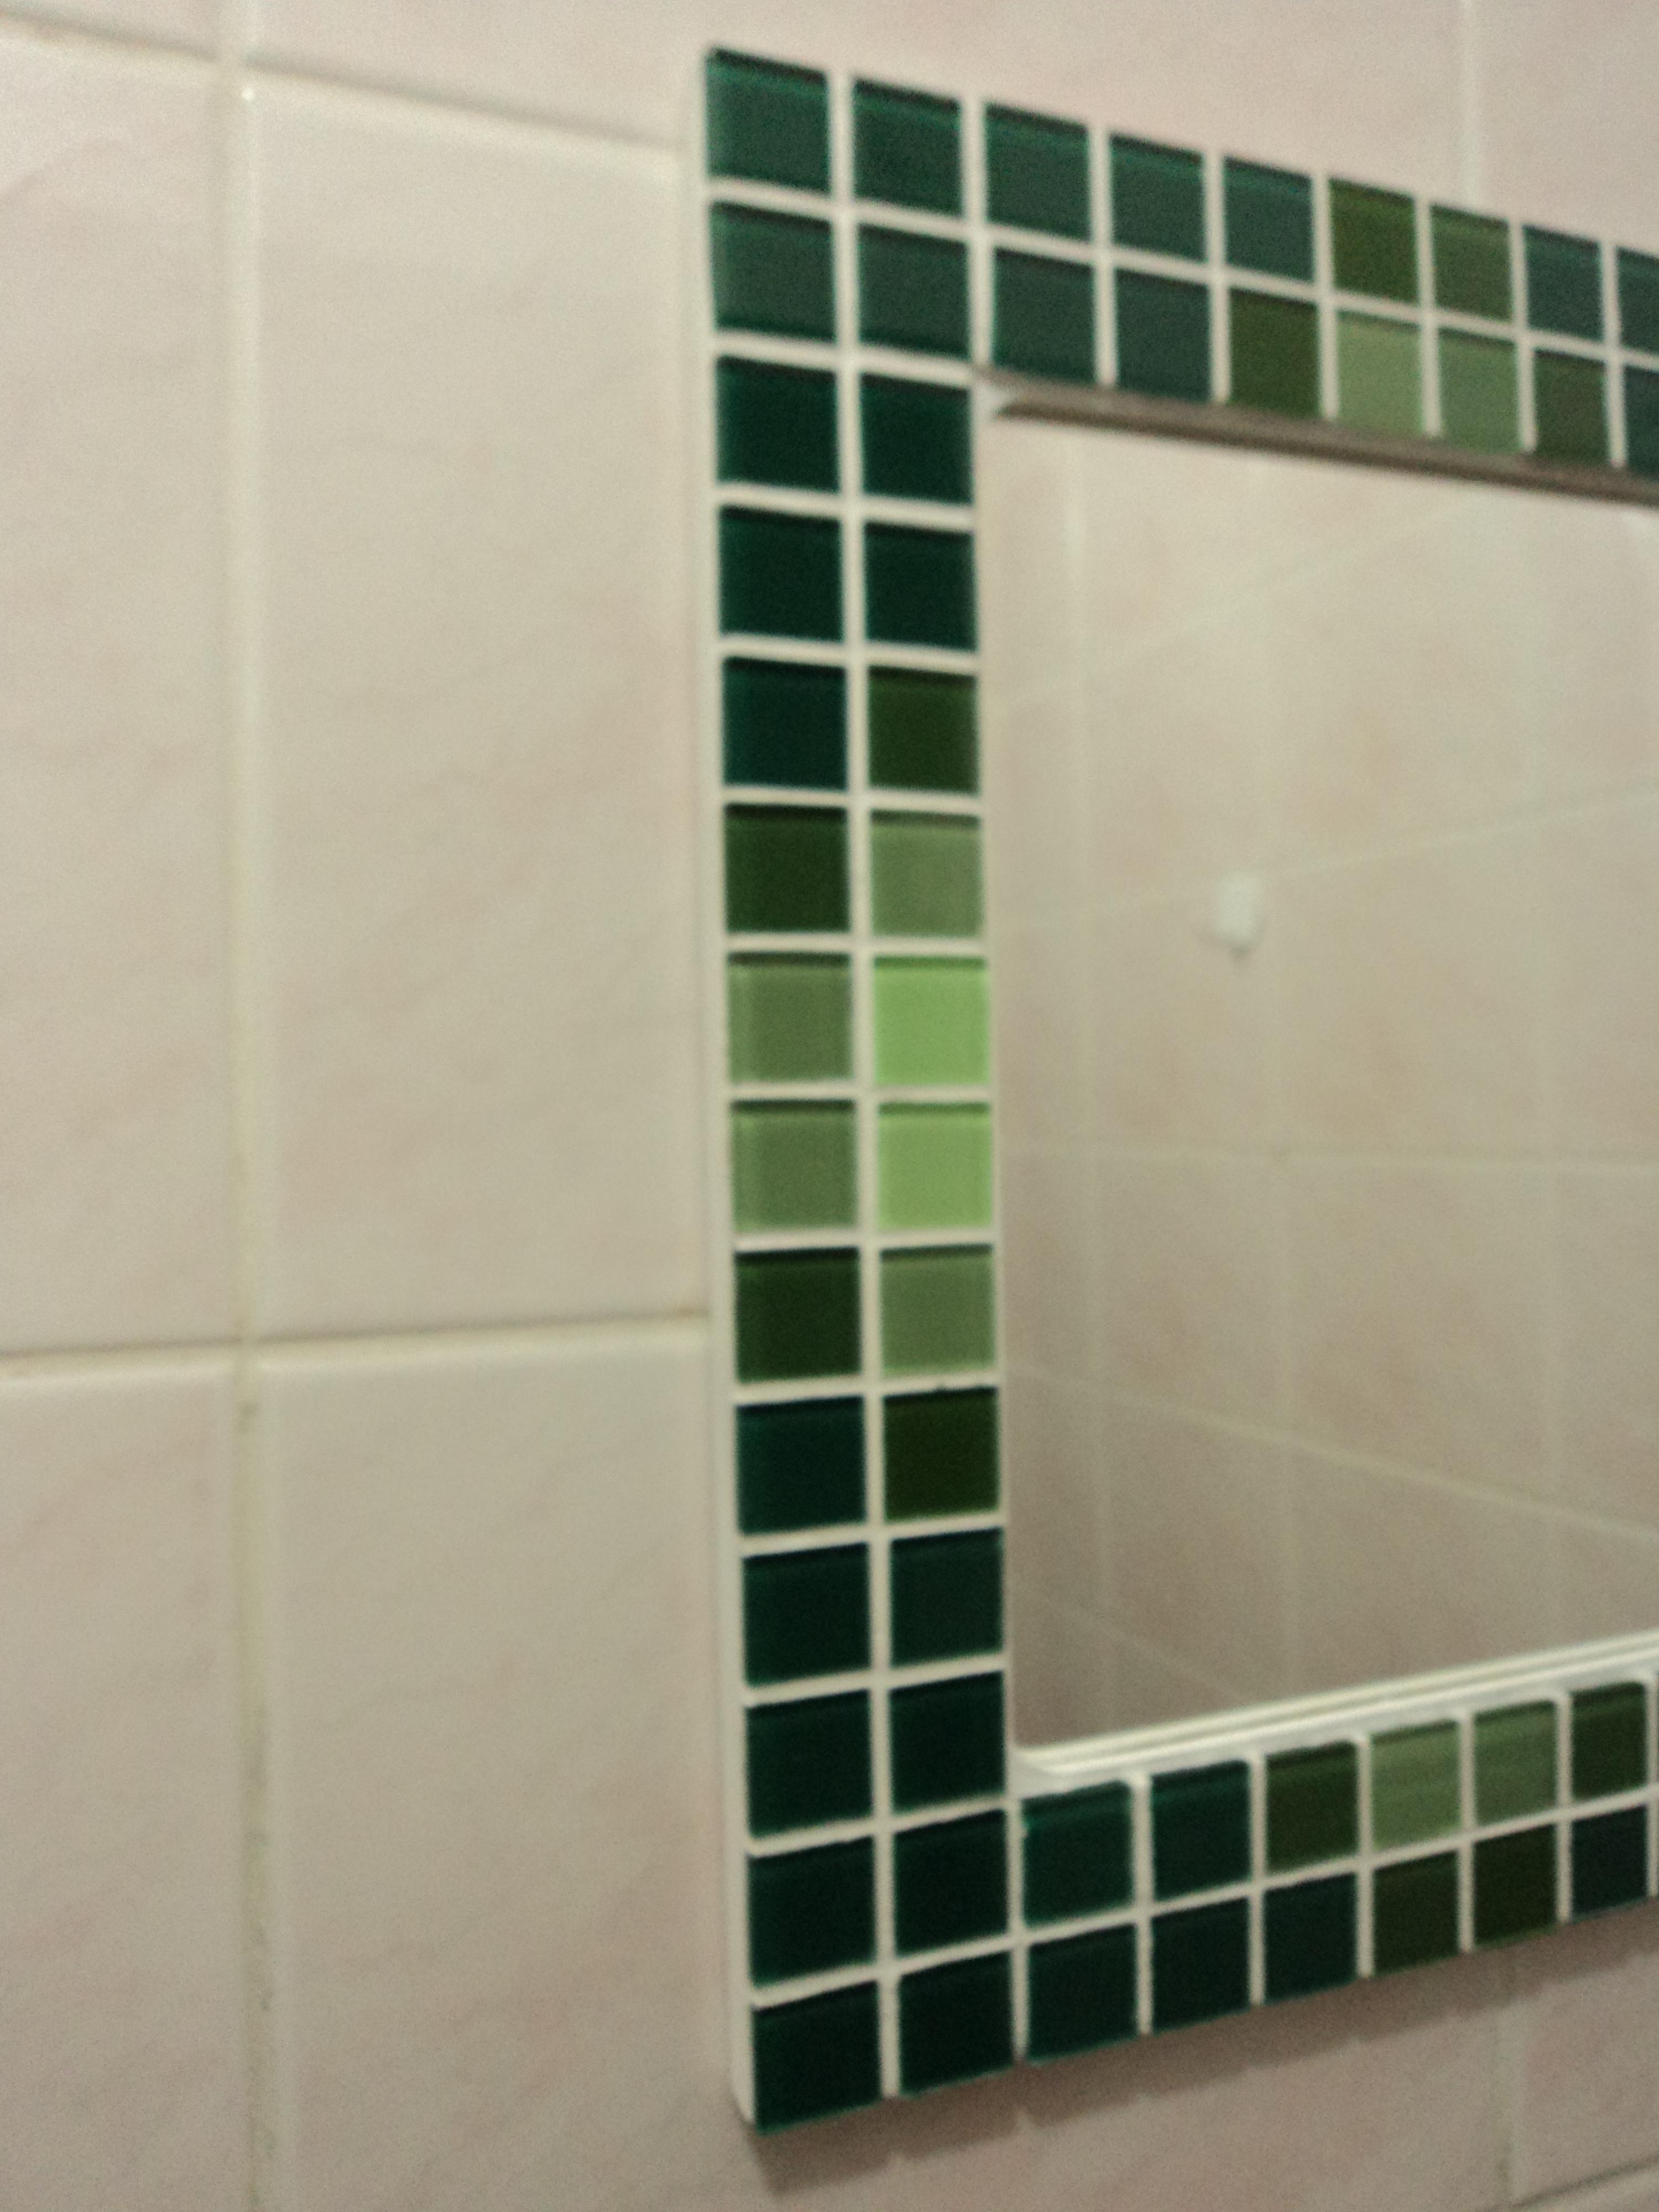 Banheiro Com Pastilhas De Vidro Verde  rinkratmagcom banheiros decorados 2017 -> Banheiro Com Pastilha De Vidro Verde